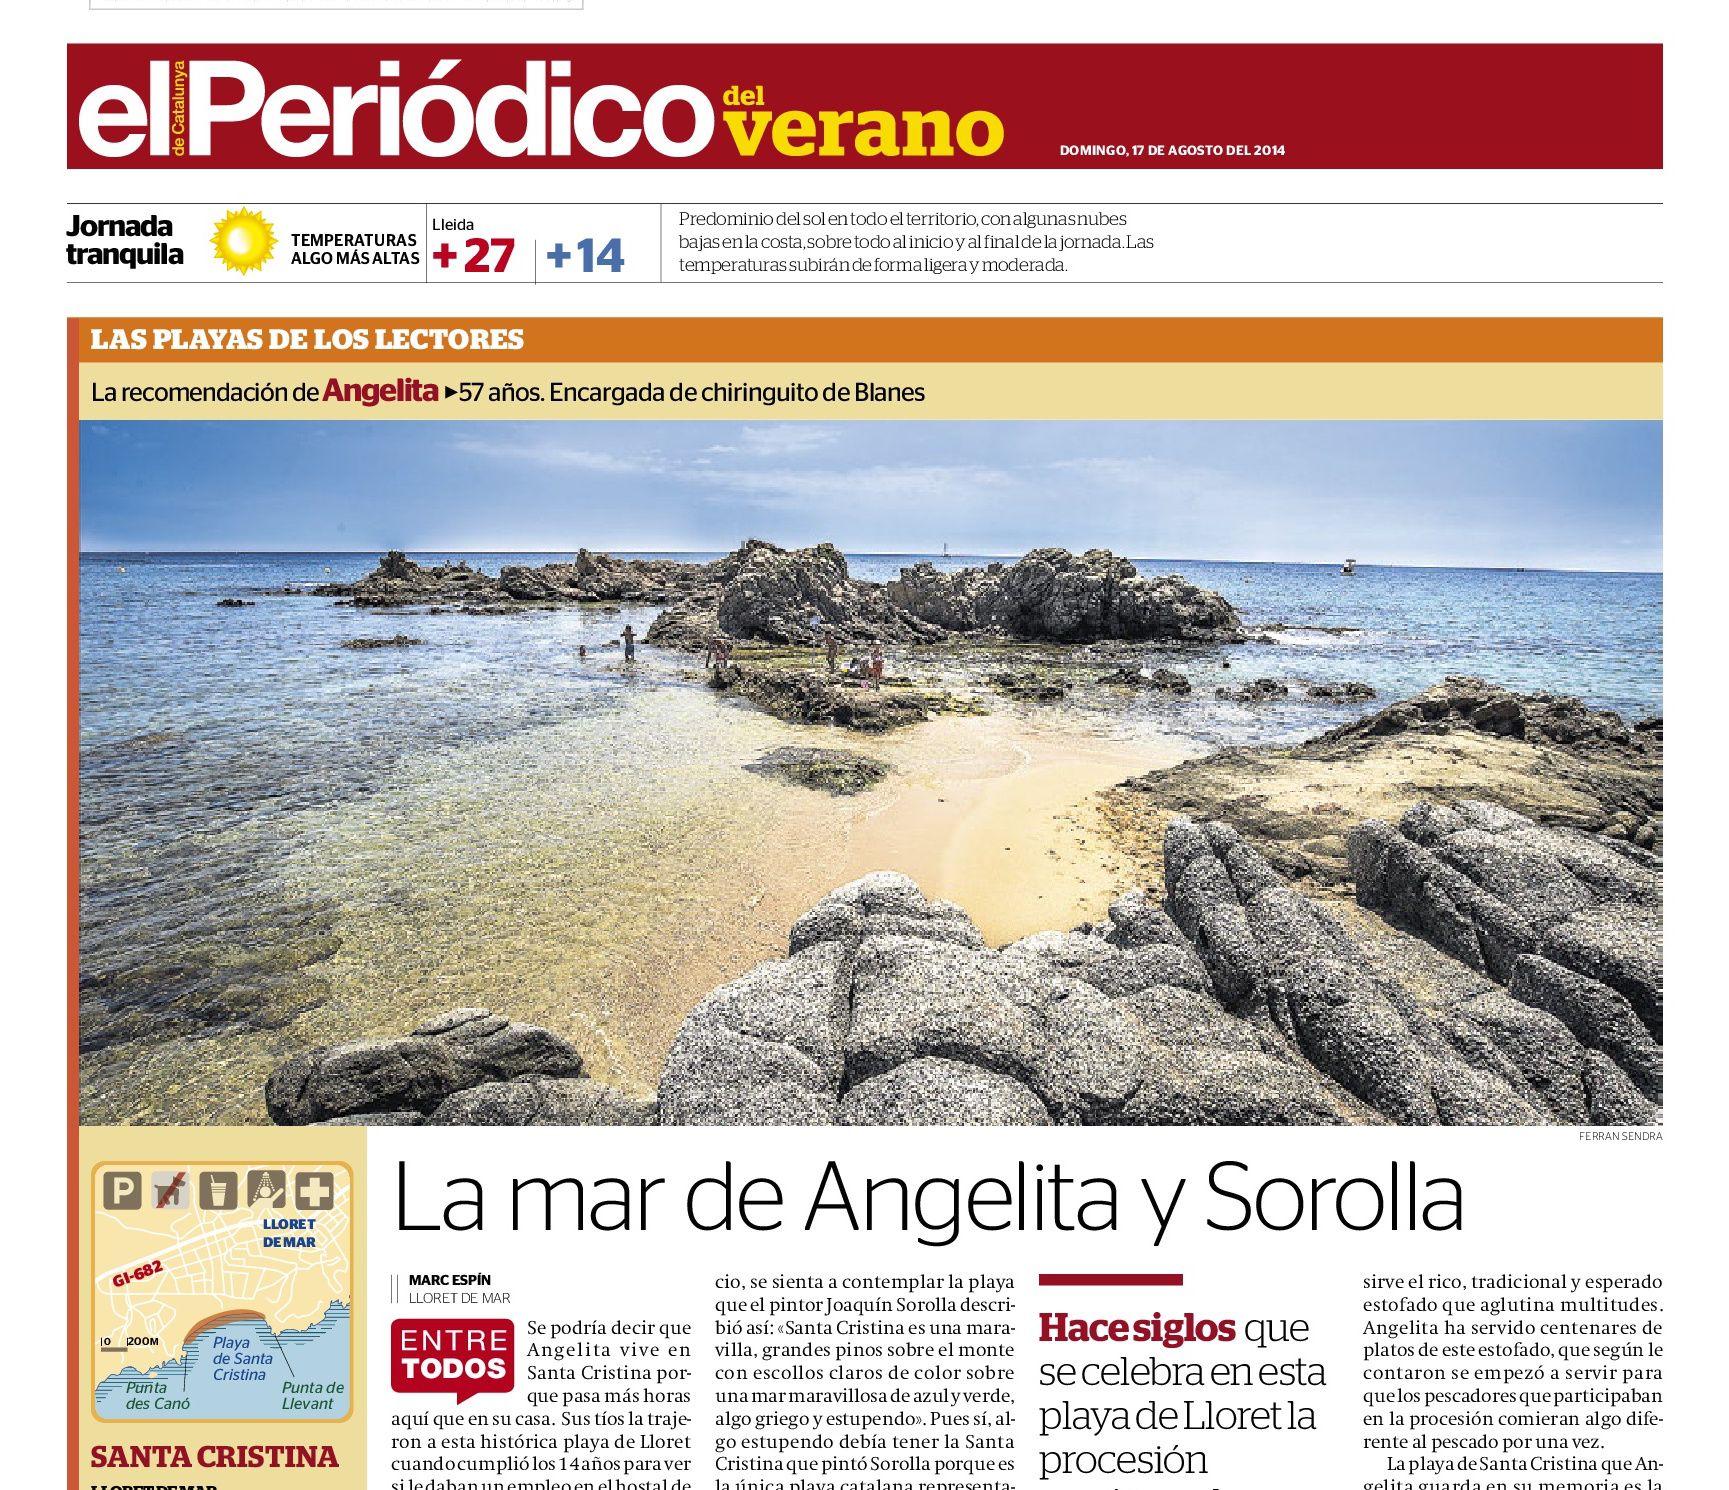 Playa de Santa Cristina, Lloret de Mar | La mar de Angelita y Sorolla